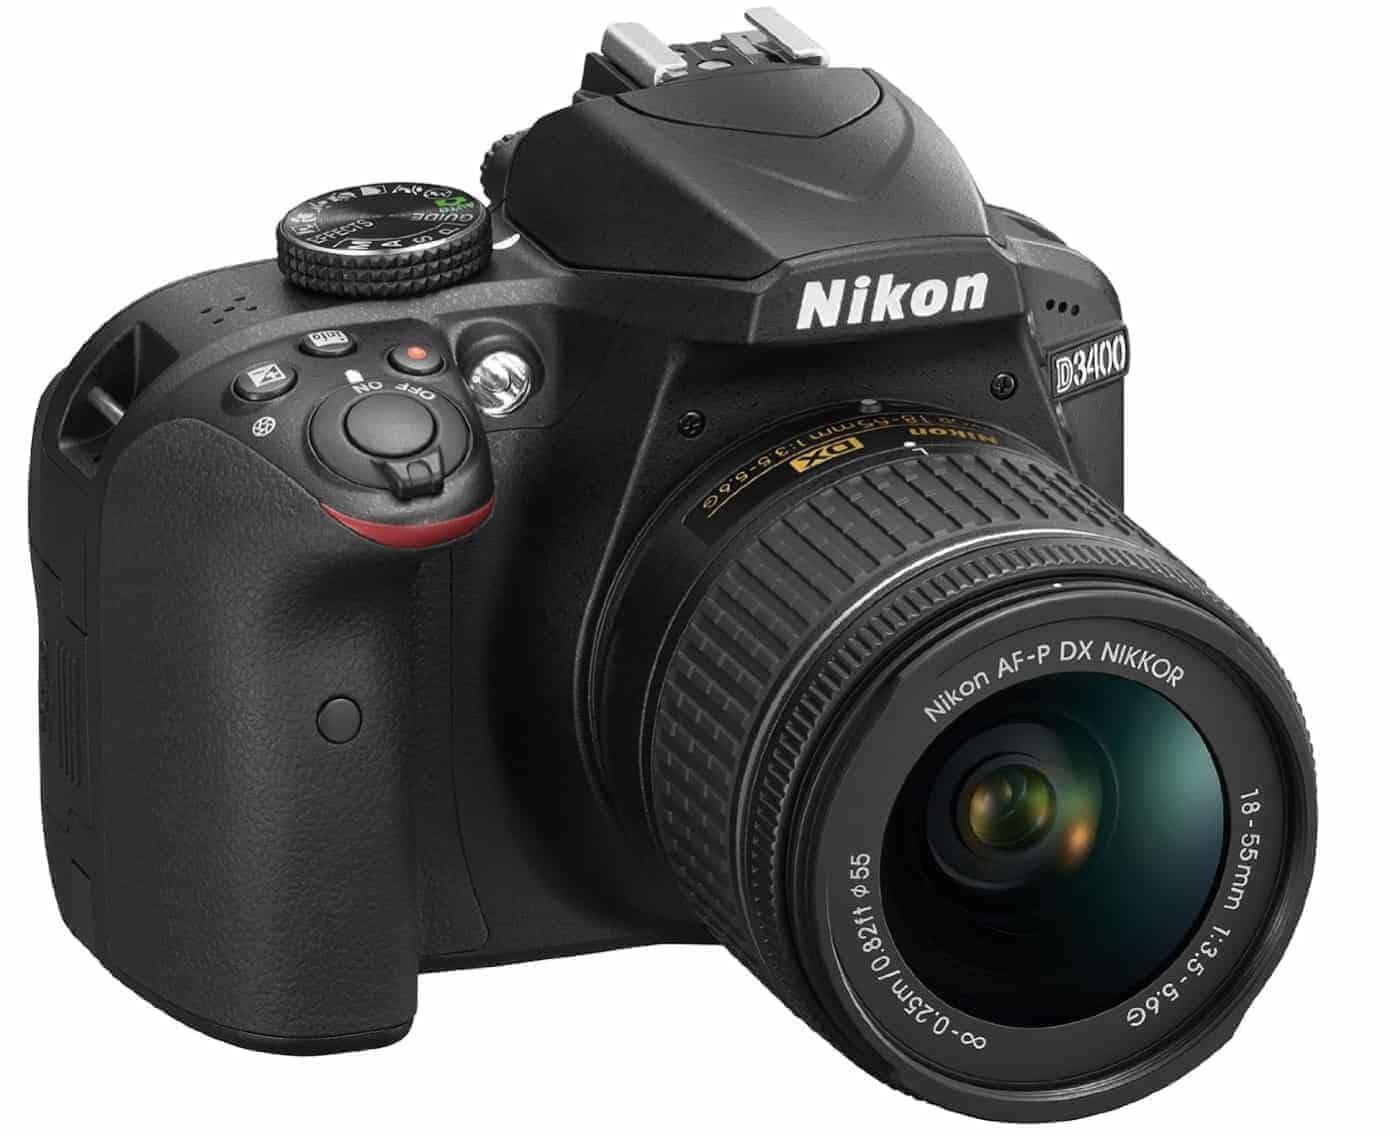 Best Nikon DSLR under $1,000 #4 Nikon D3400 w/ AF-P DX NIKKOR